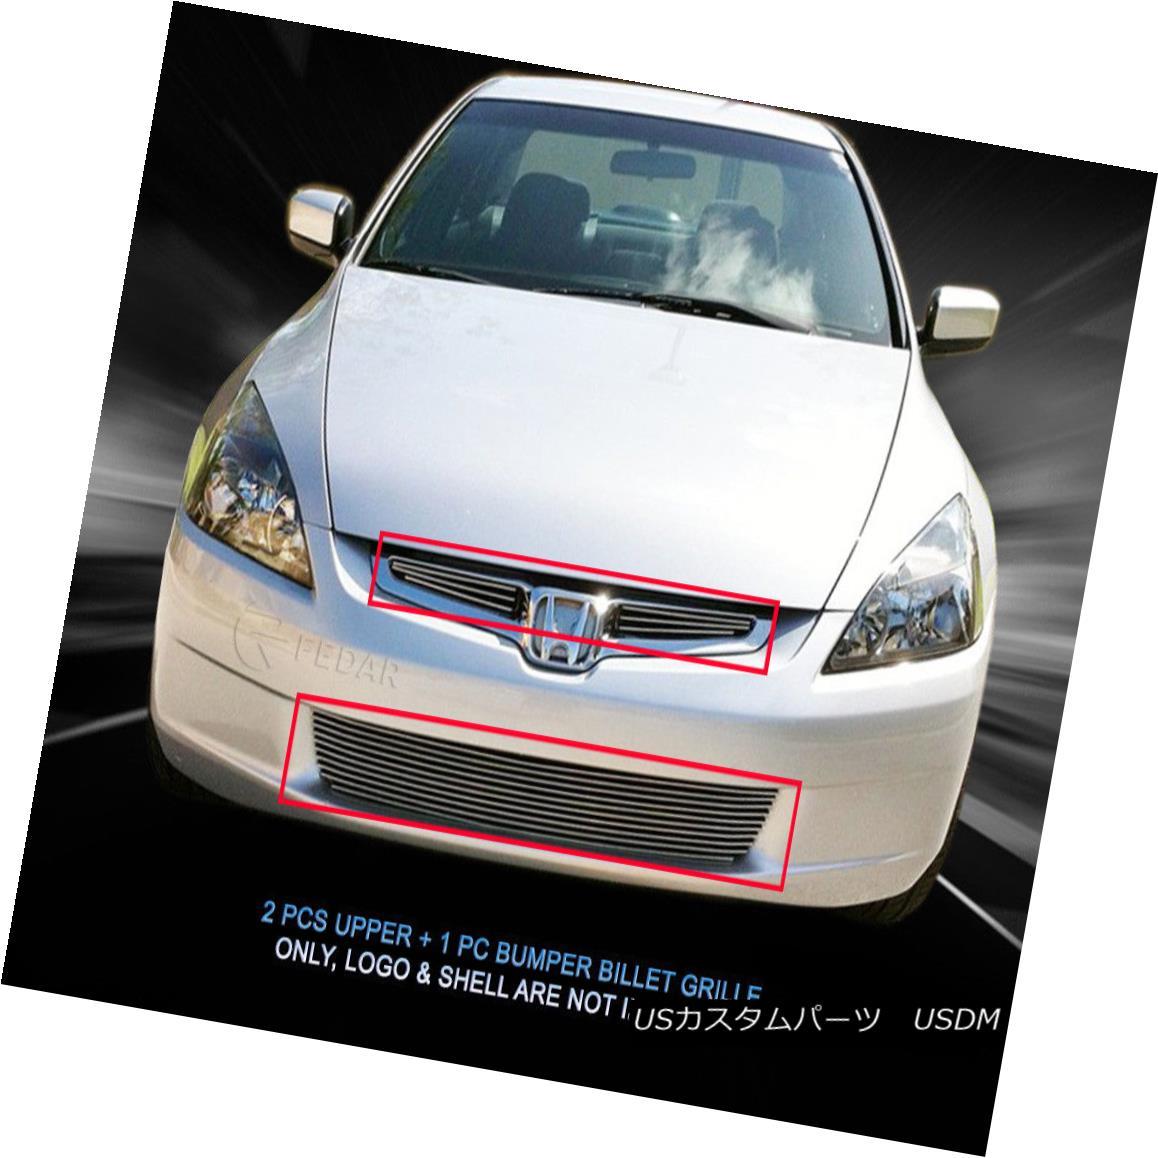 グリル Fits 2003 2004 2005 Honda Accord EX/LX Sedan Billet Grille Combo Insert Fedar Fits 2003 2004 2005 Honda Accord EX / LXセダンビレットグリルコンボインサートFedar